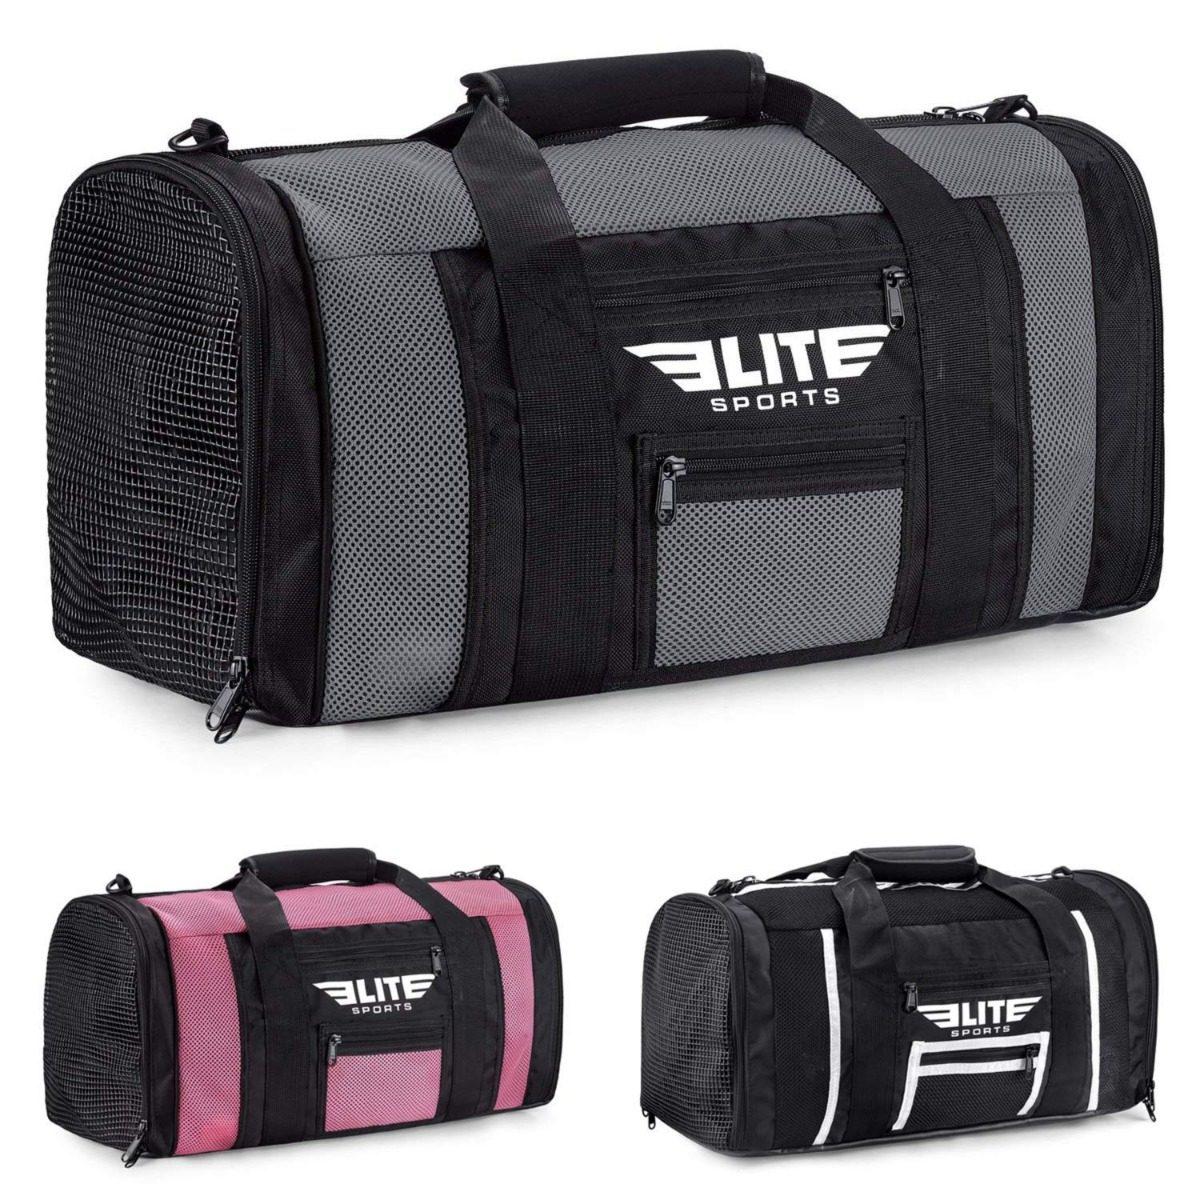 e16a846e3071 bolsa elite sports new item ventilated mesh duffel gym bag. Cargando zoom.